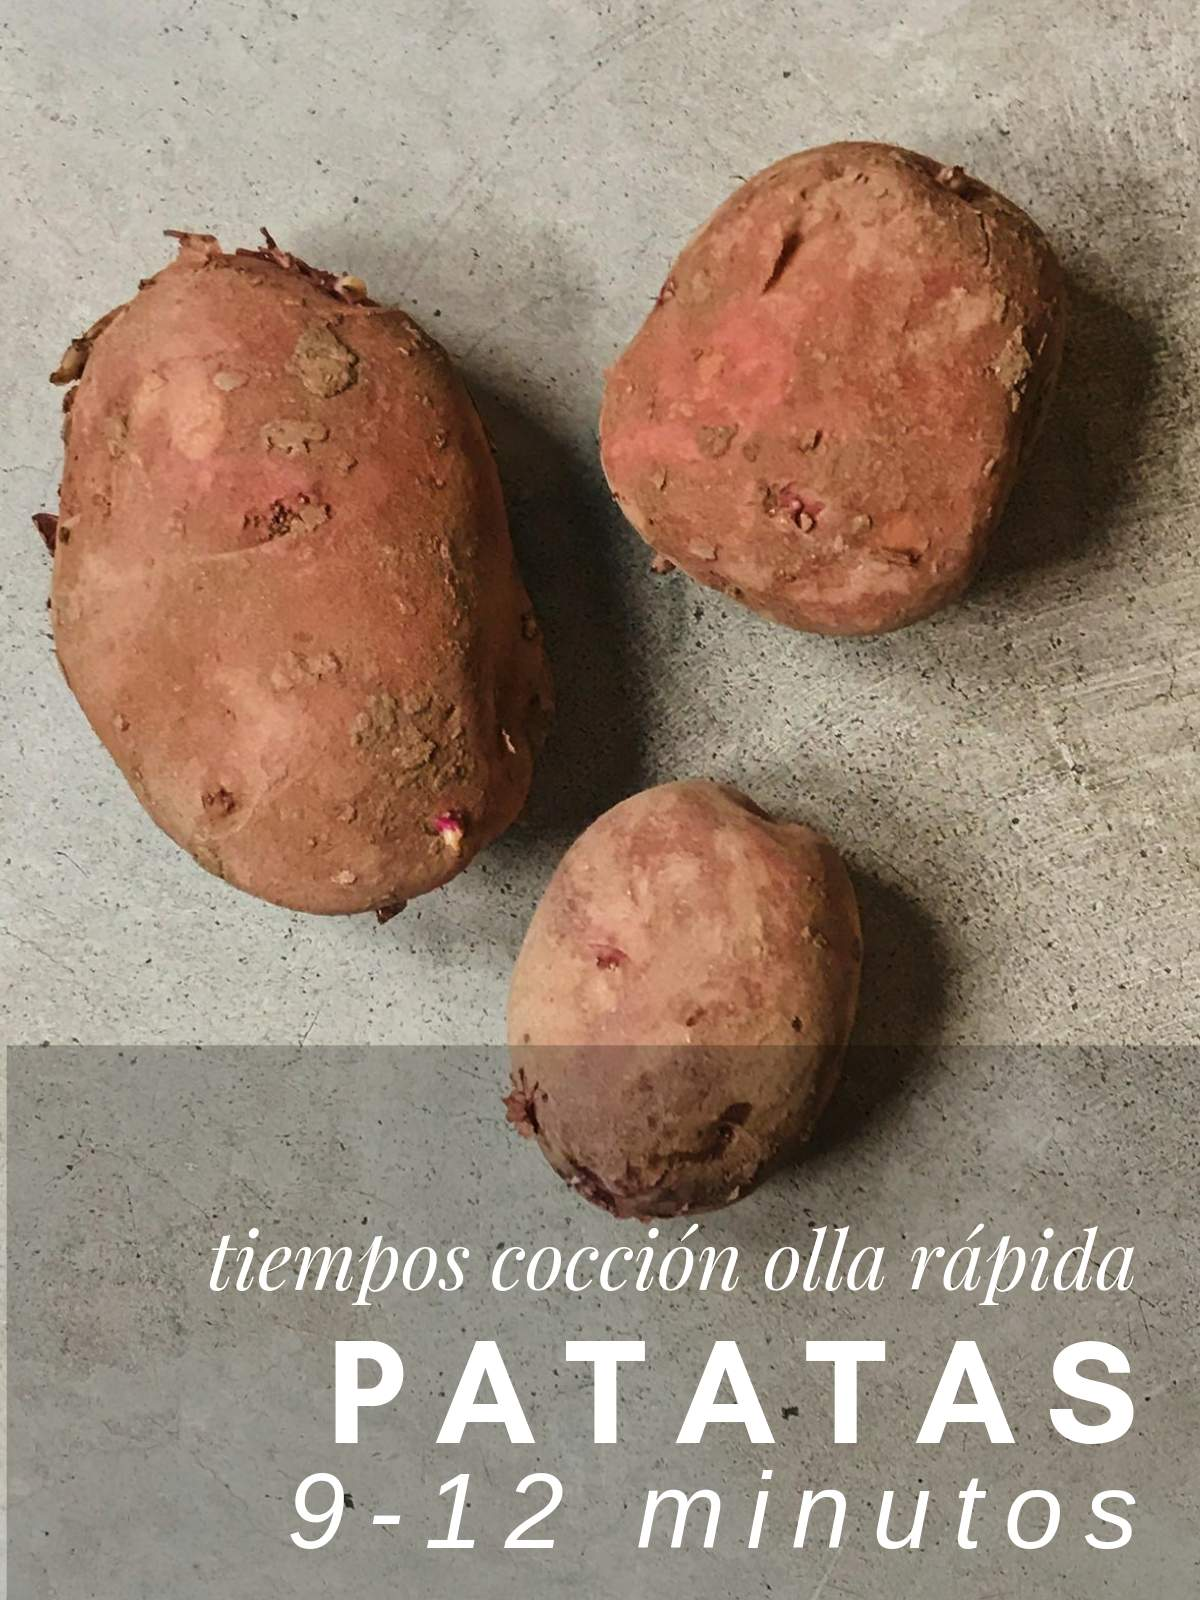 Tiempo de cocci n de verduras en la olla r pida - Tiempo de coccion de la patata ...